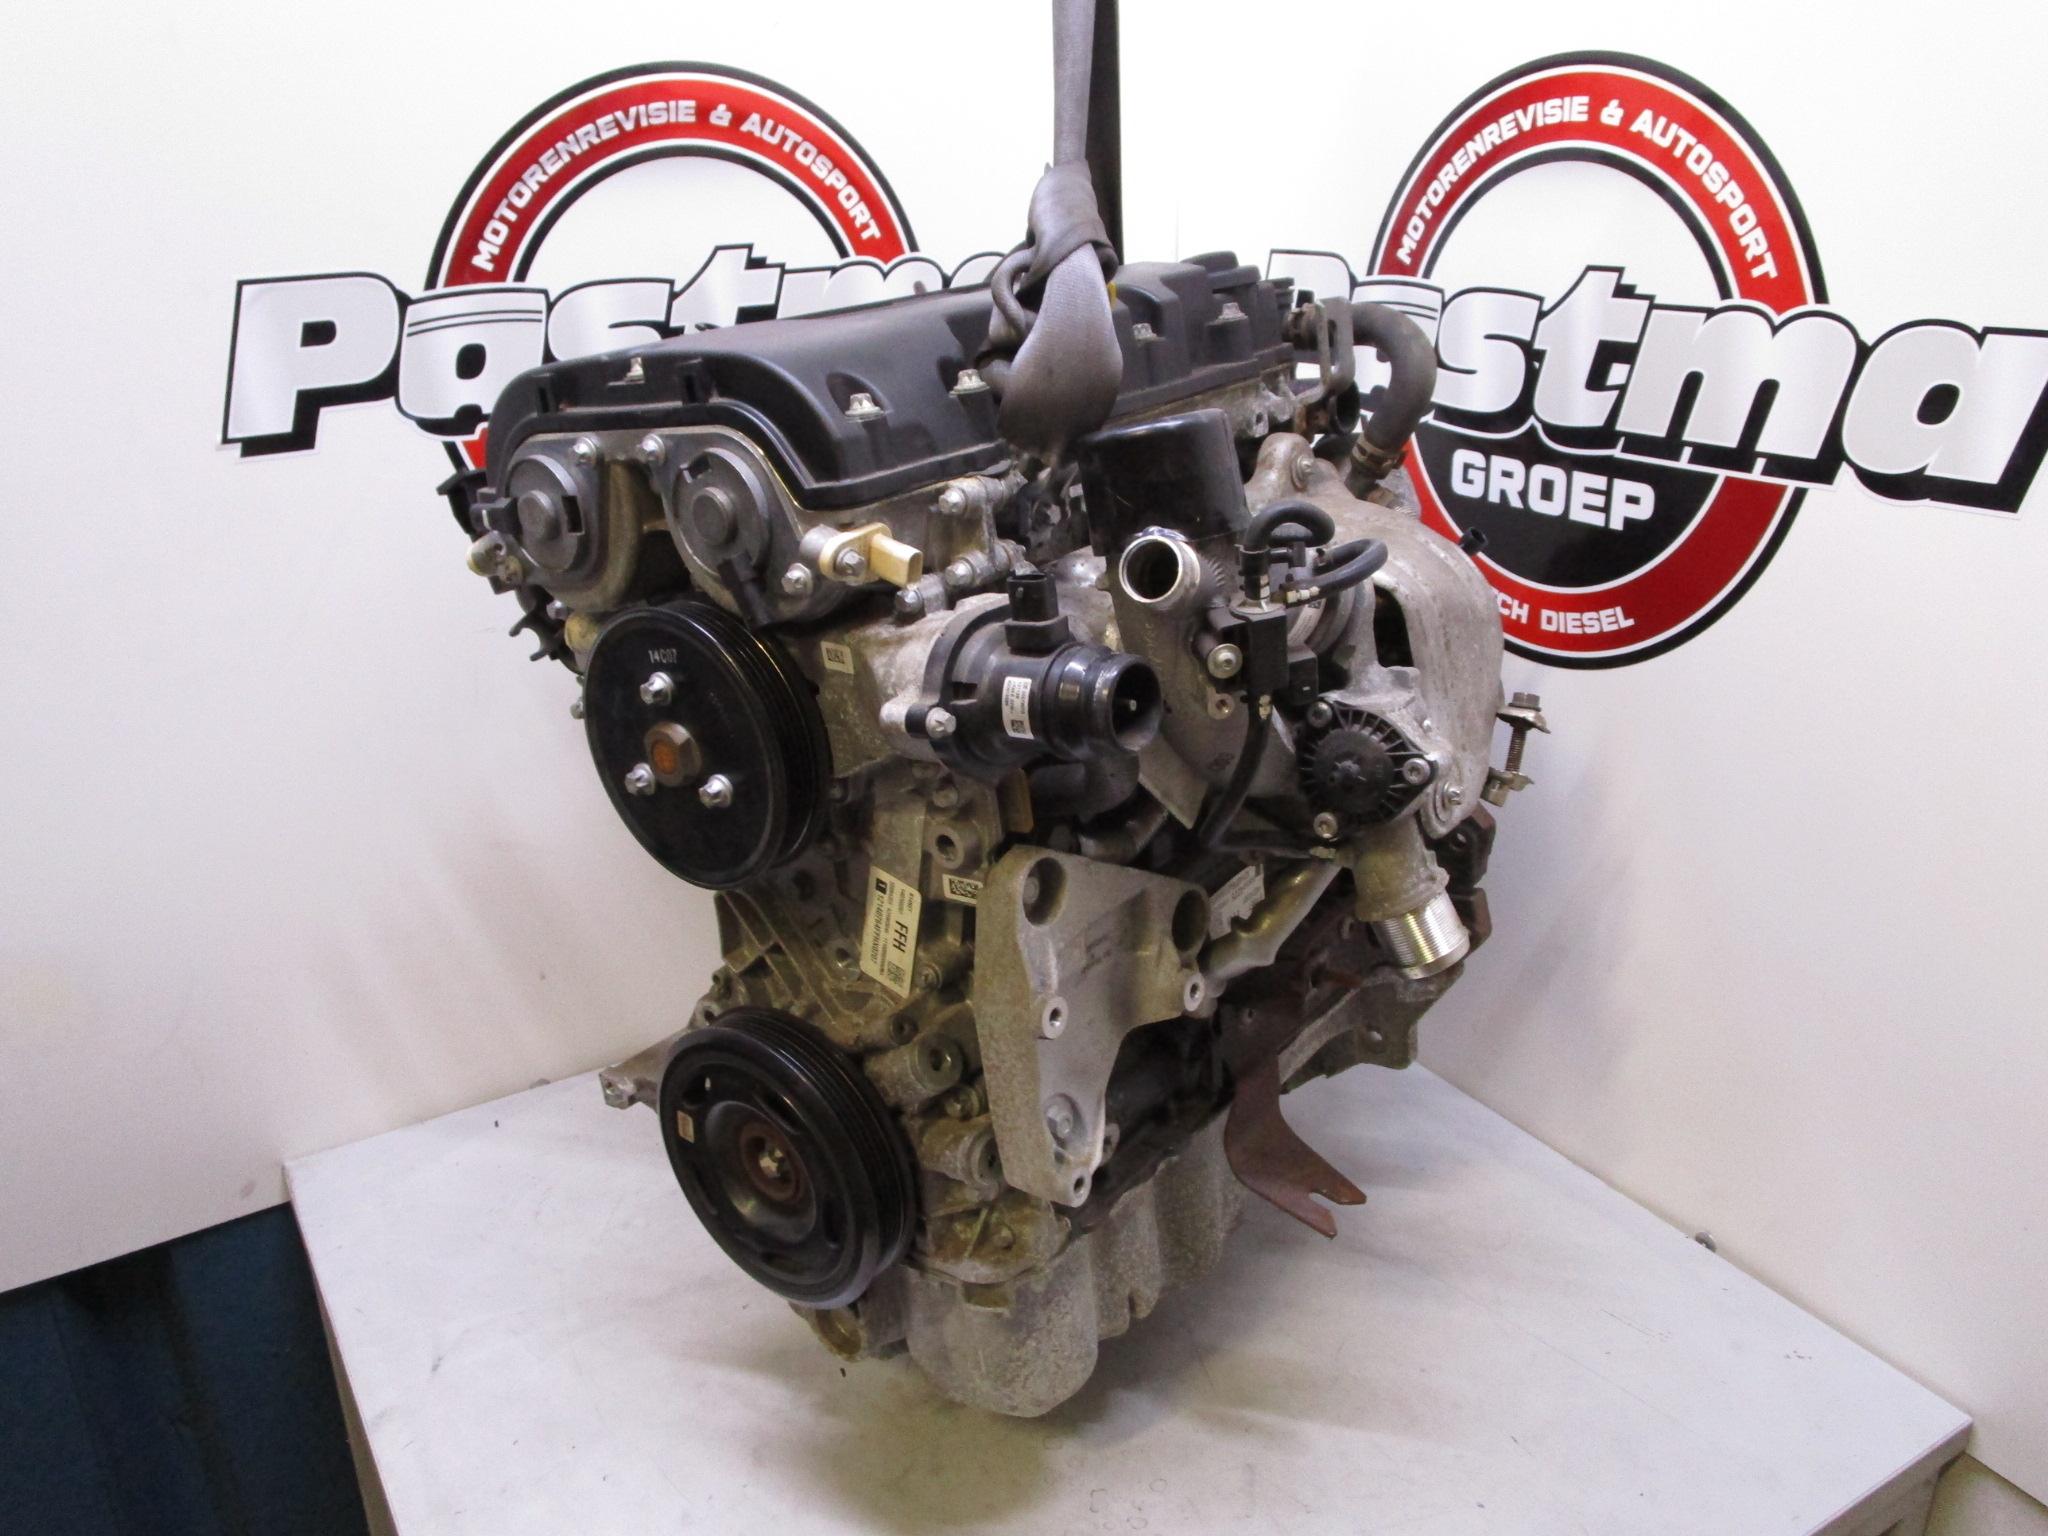 Wonderlijk Opel Mokka 1.4 16V turbo : B14NET | Automotoren Revisie – Postma YI-81